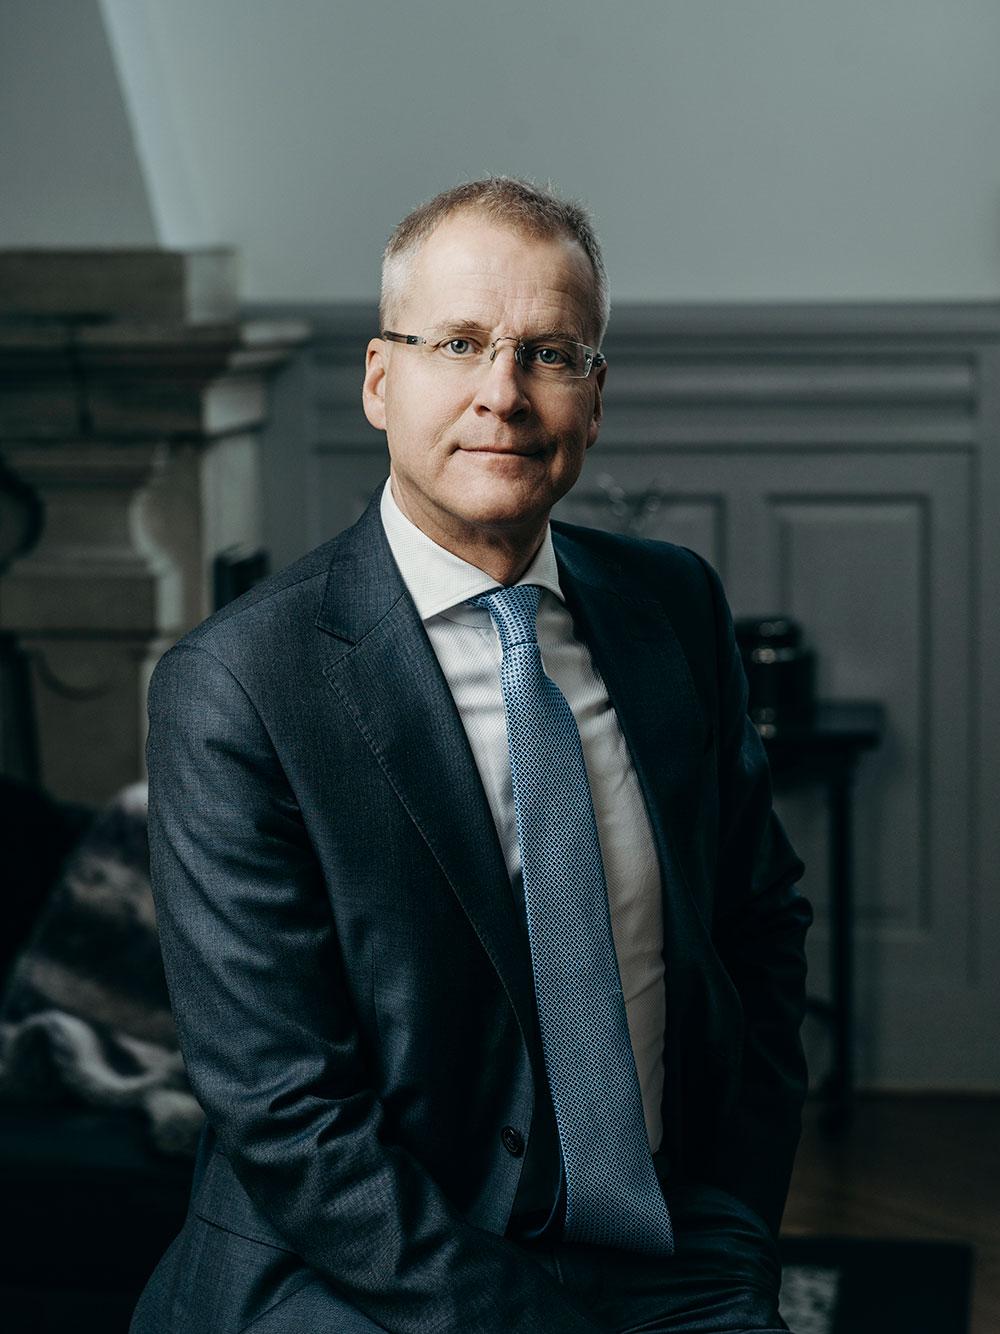 Lars Tindberg